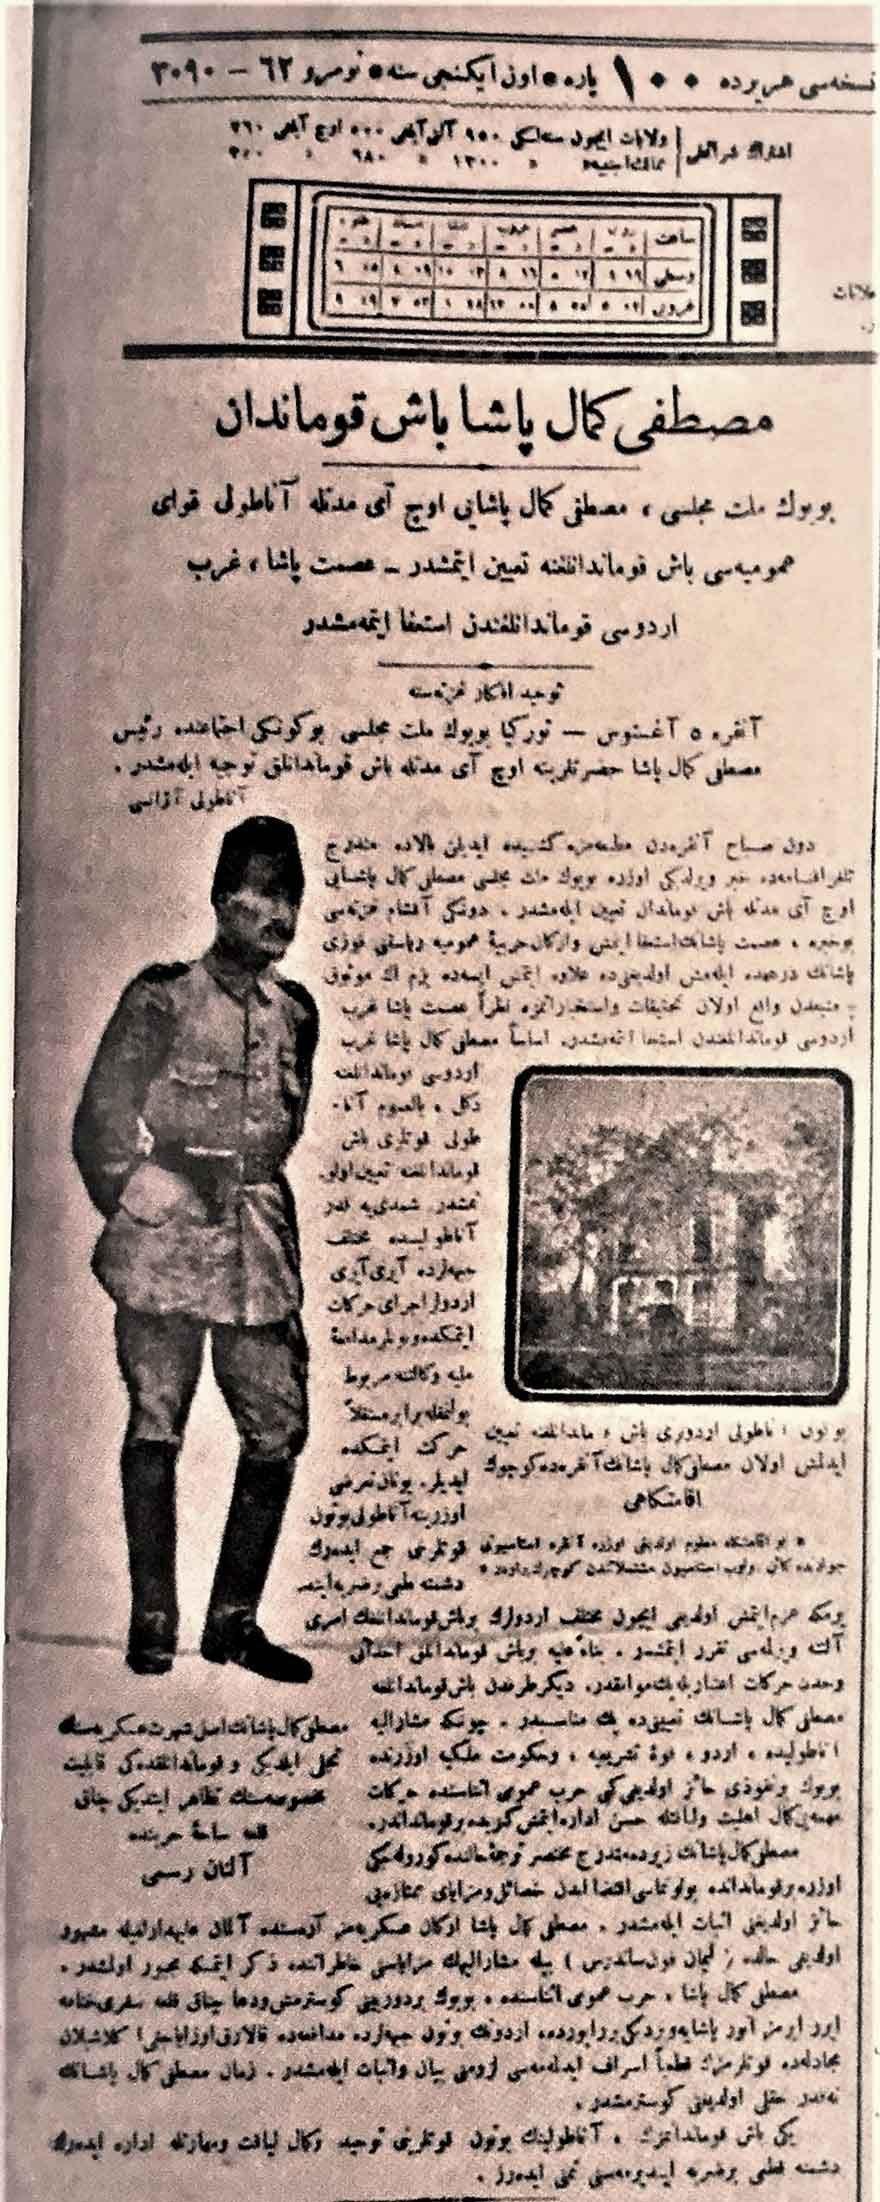 'Mustafa Kemal Paşa Başkumandan' başlıklı haber. (Tevhid-i Efkar, 9 Ağustos 1921)